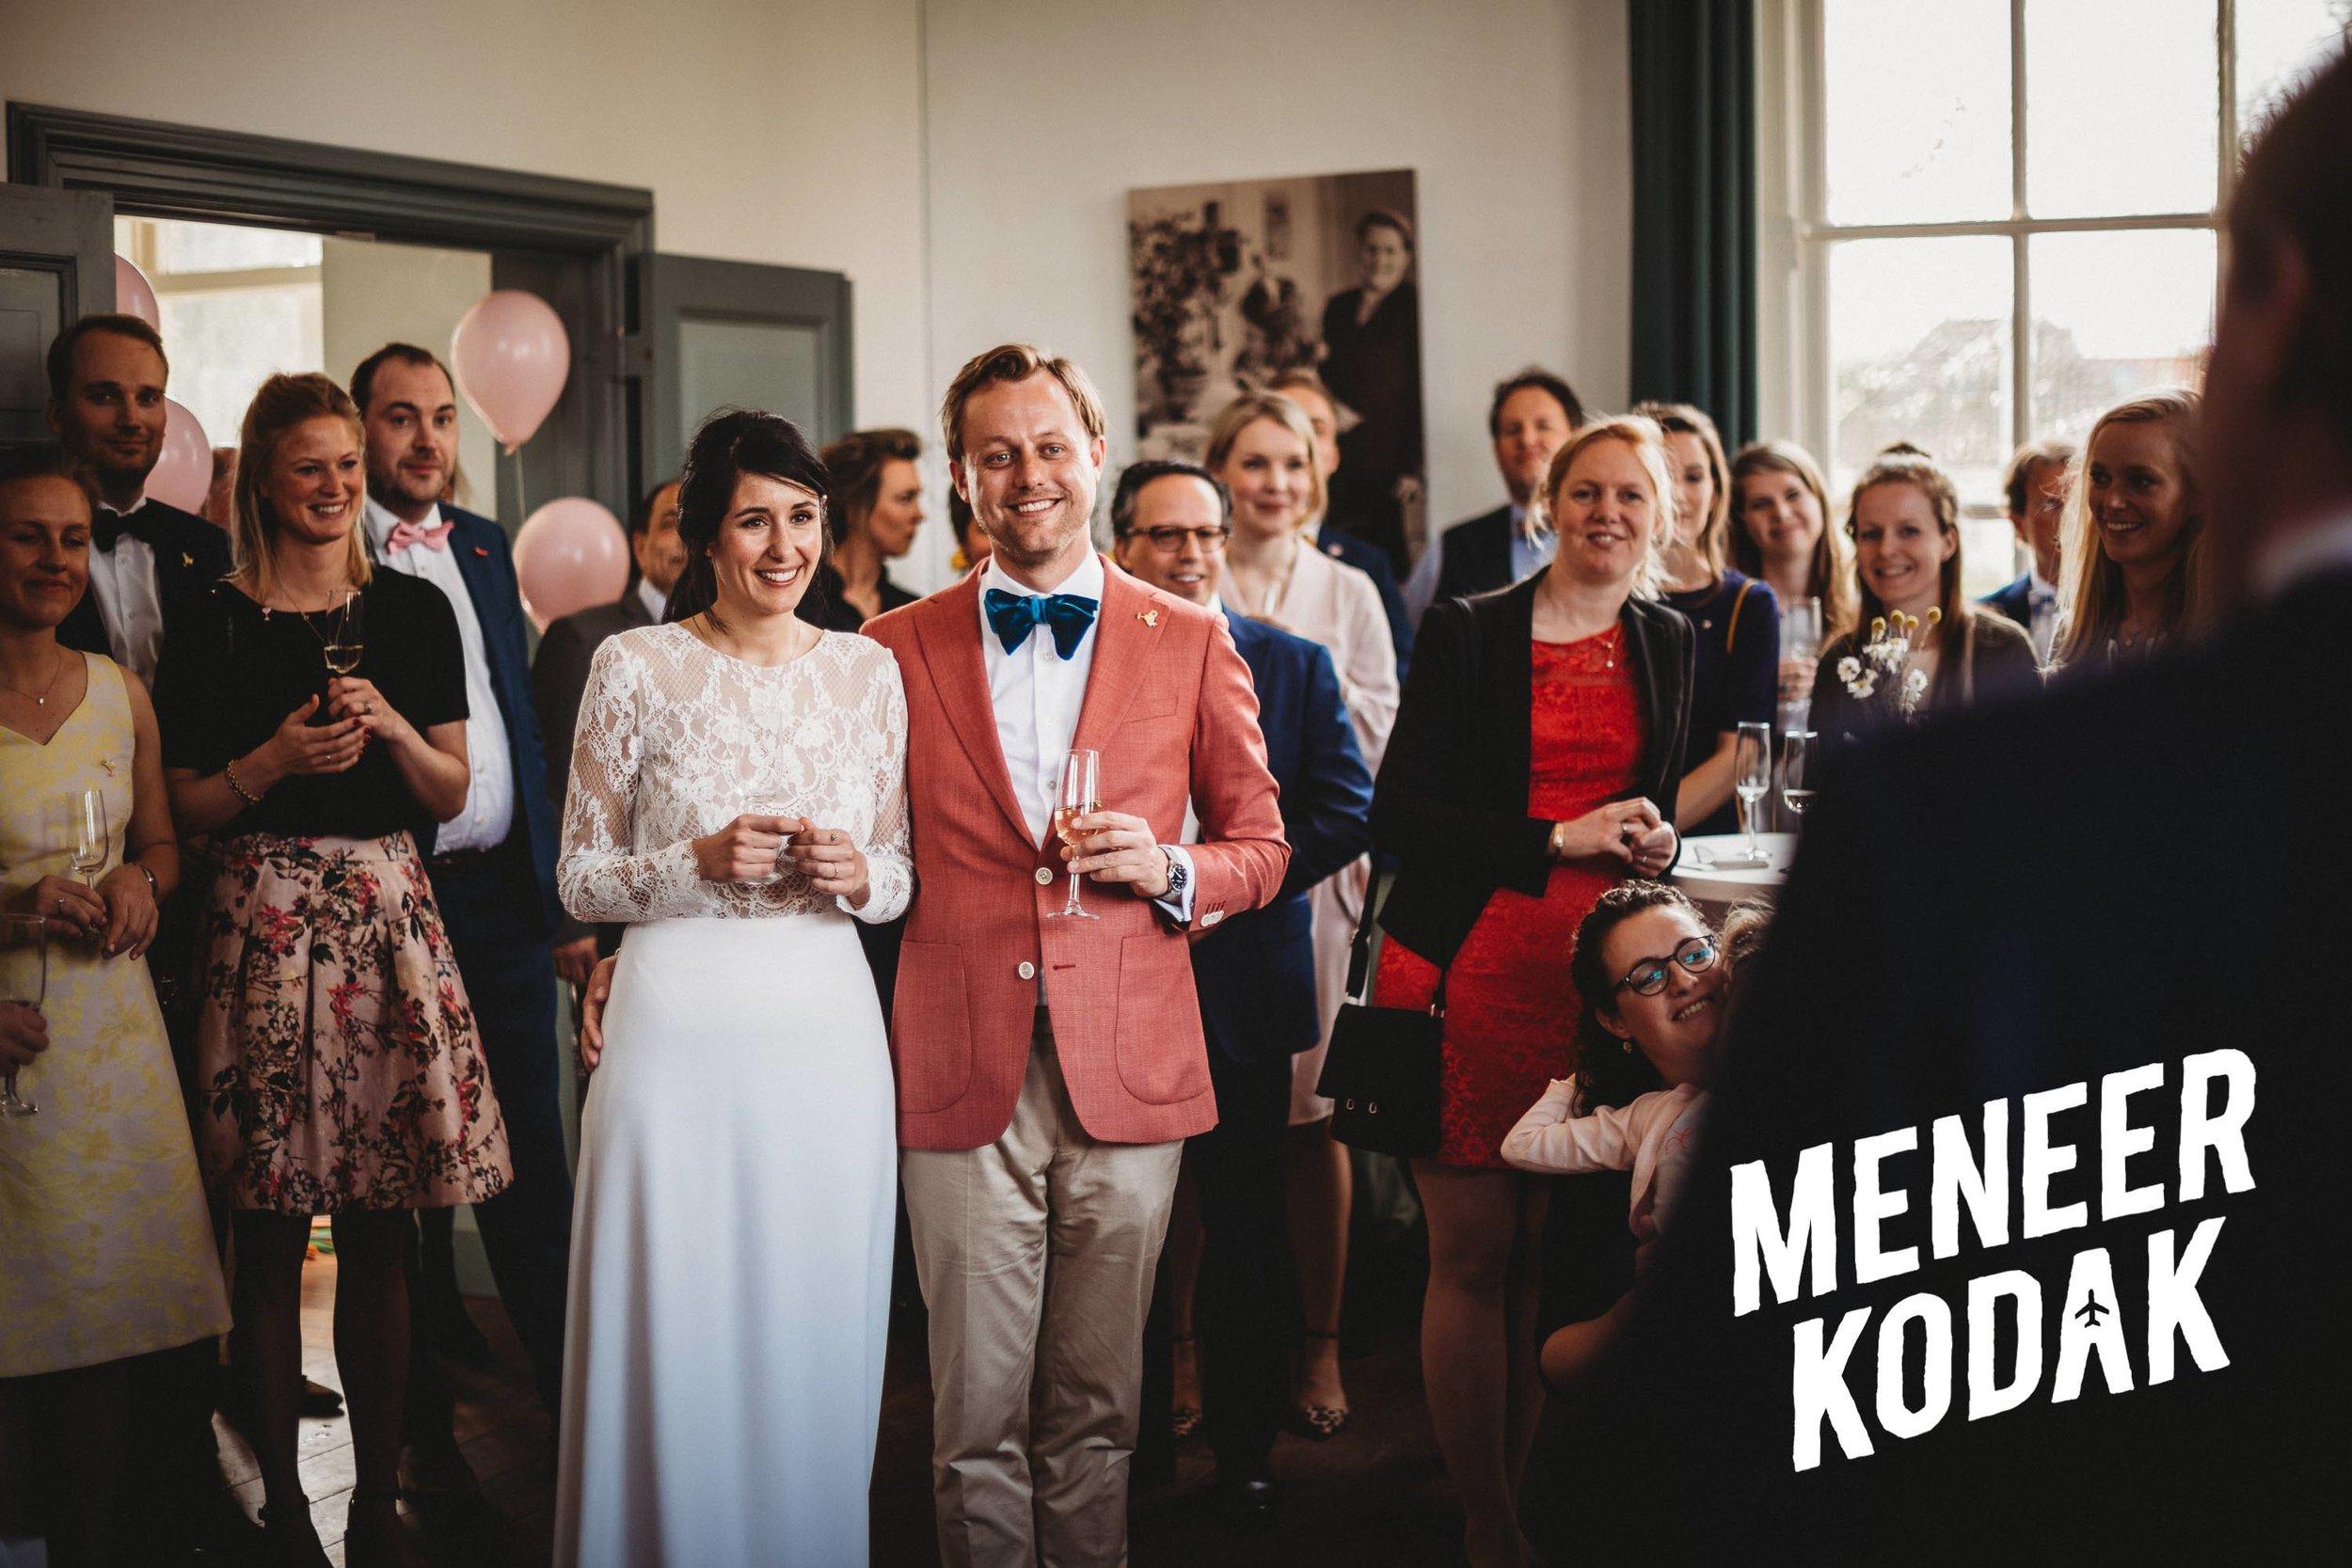 Meneer Kodak - Bruidsfotograaf - Amsterdam - M&J-046.jpg